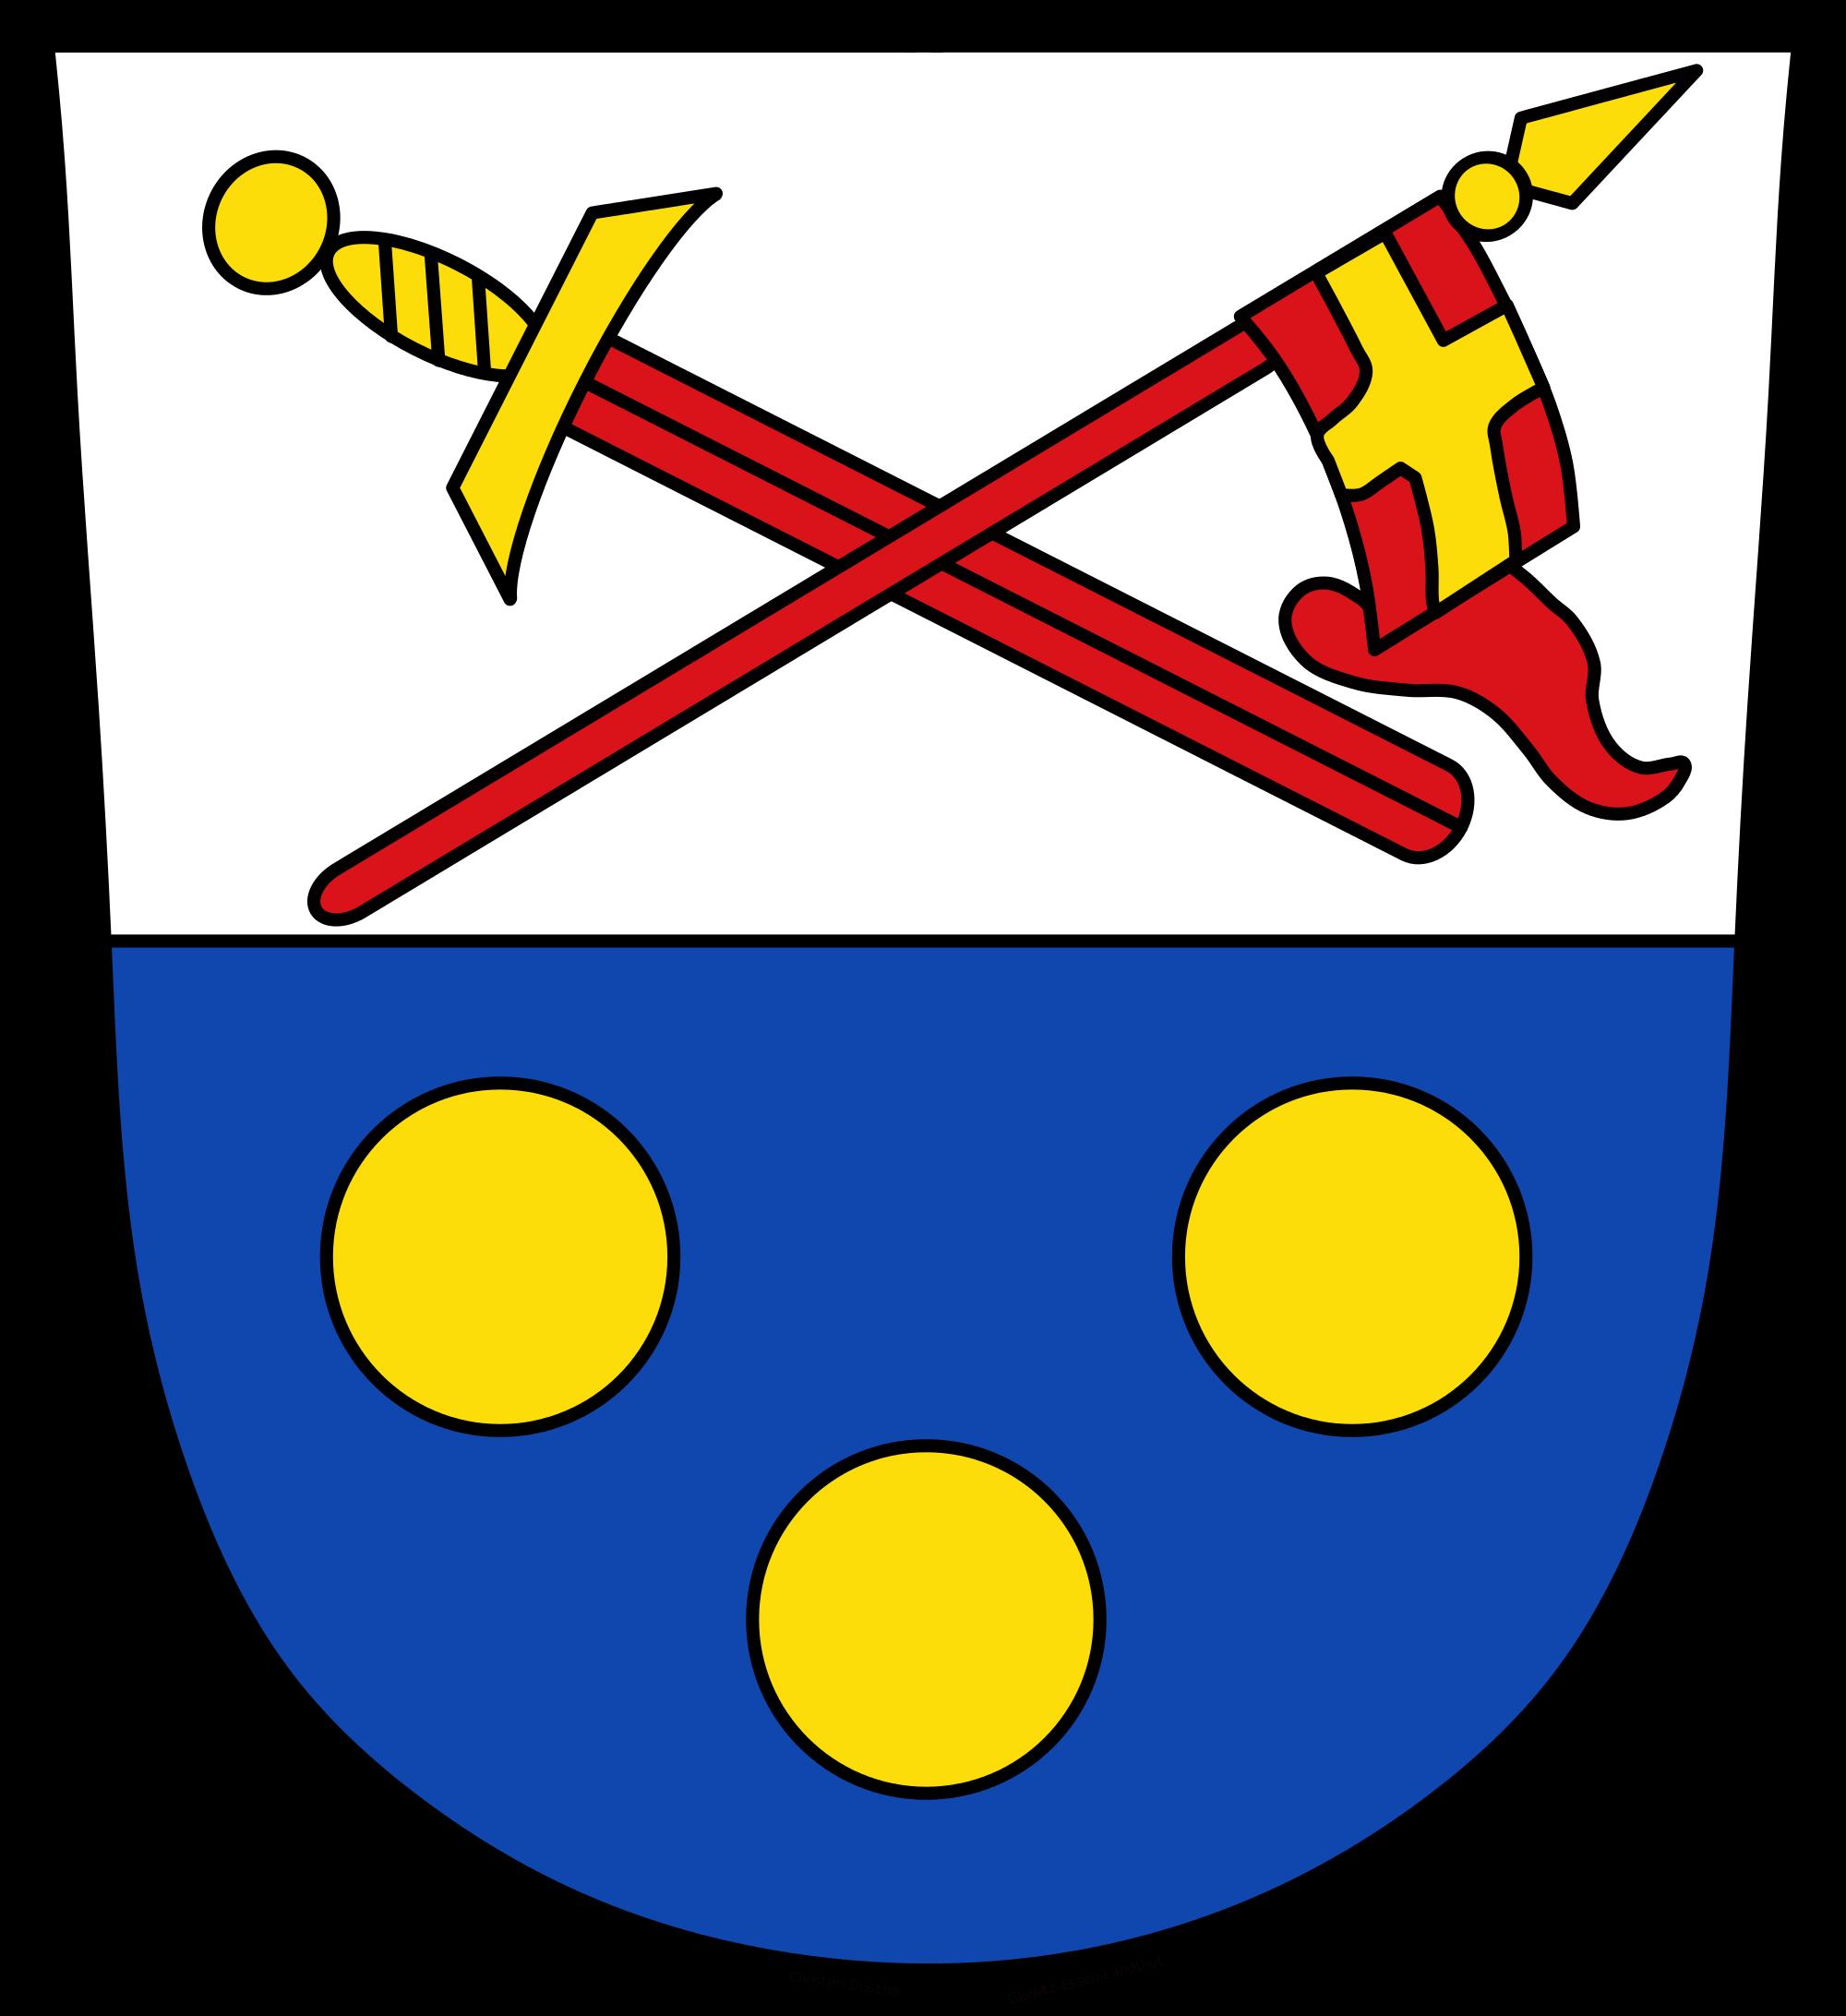 File:Wappen von Eisenberg (Allgäu).svg.